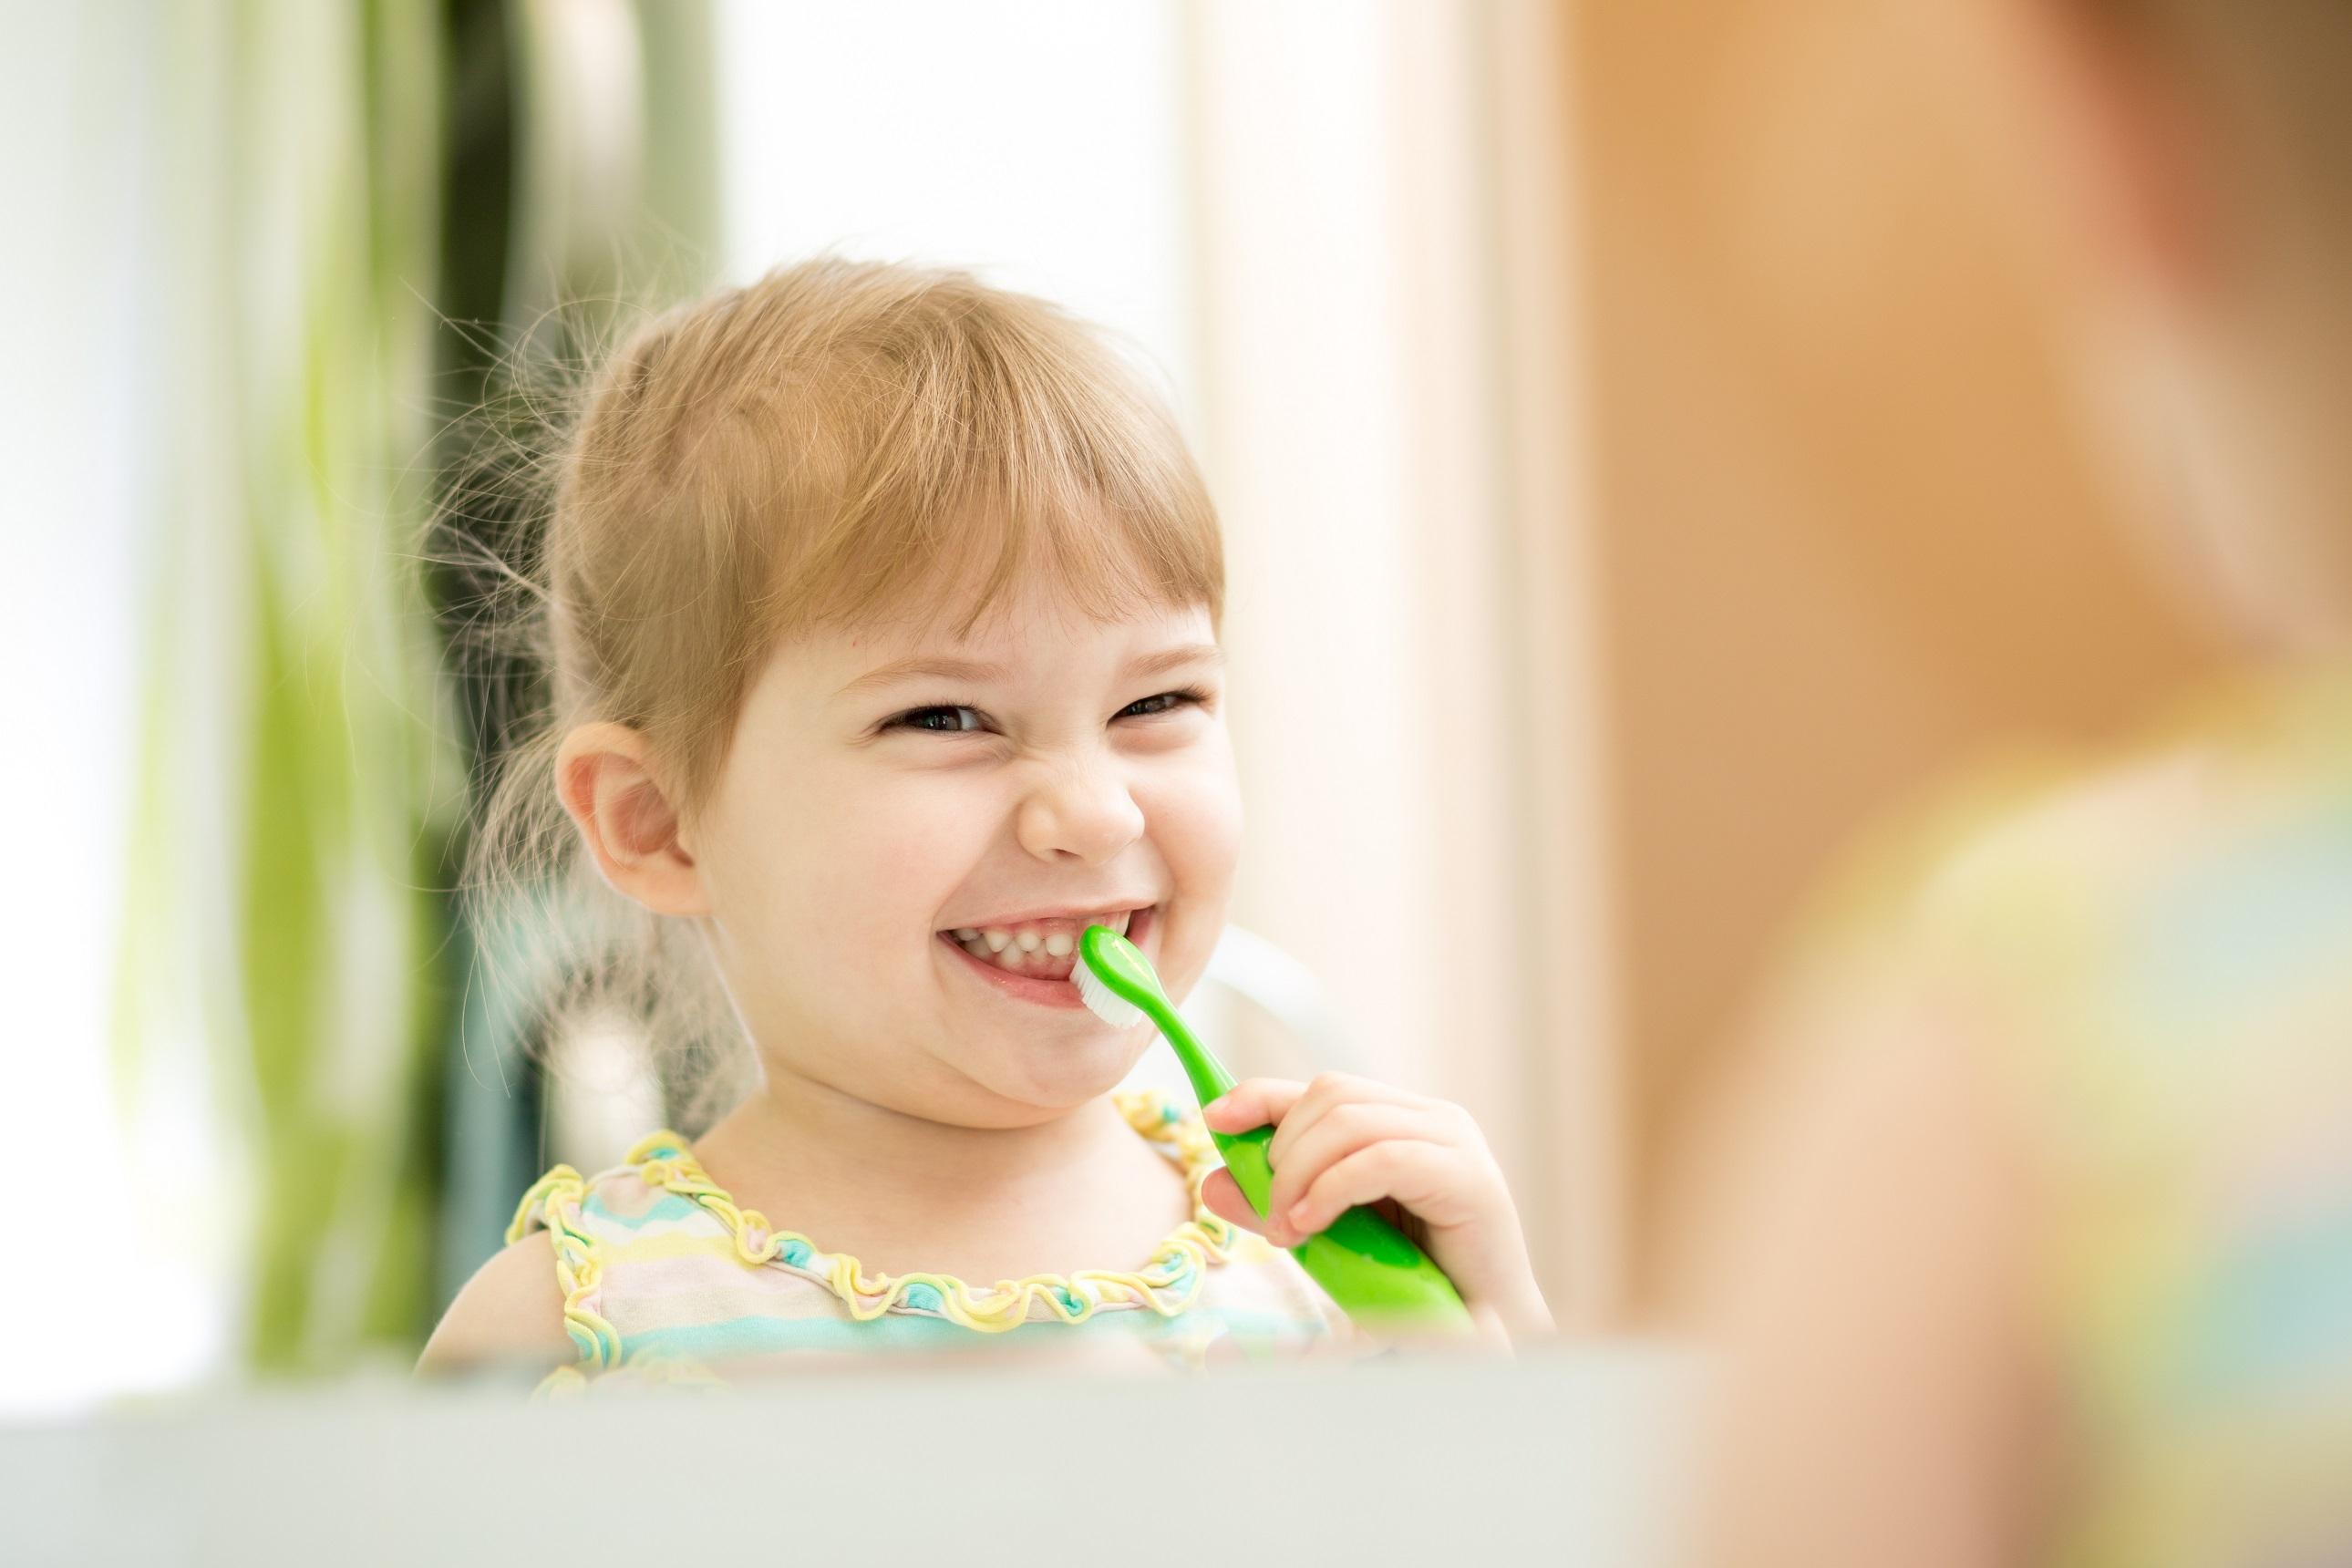 quando levar o bebê ao dentista pela primeira vez